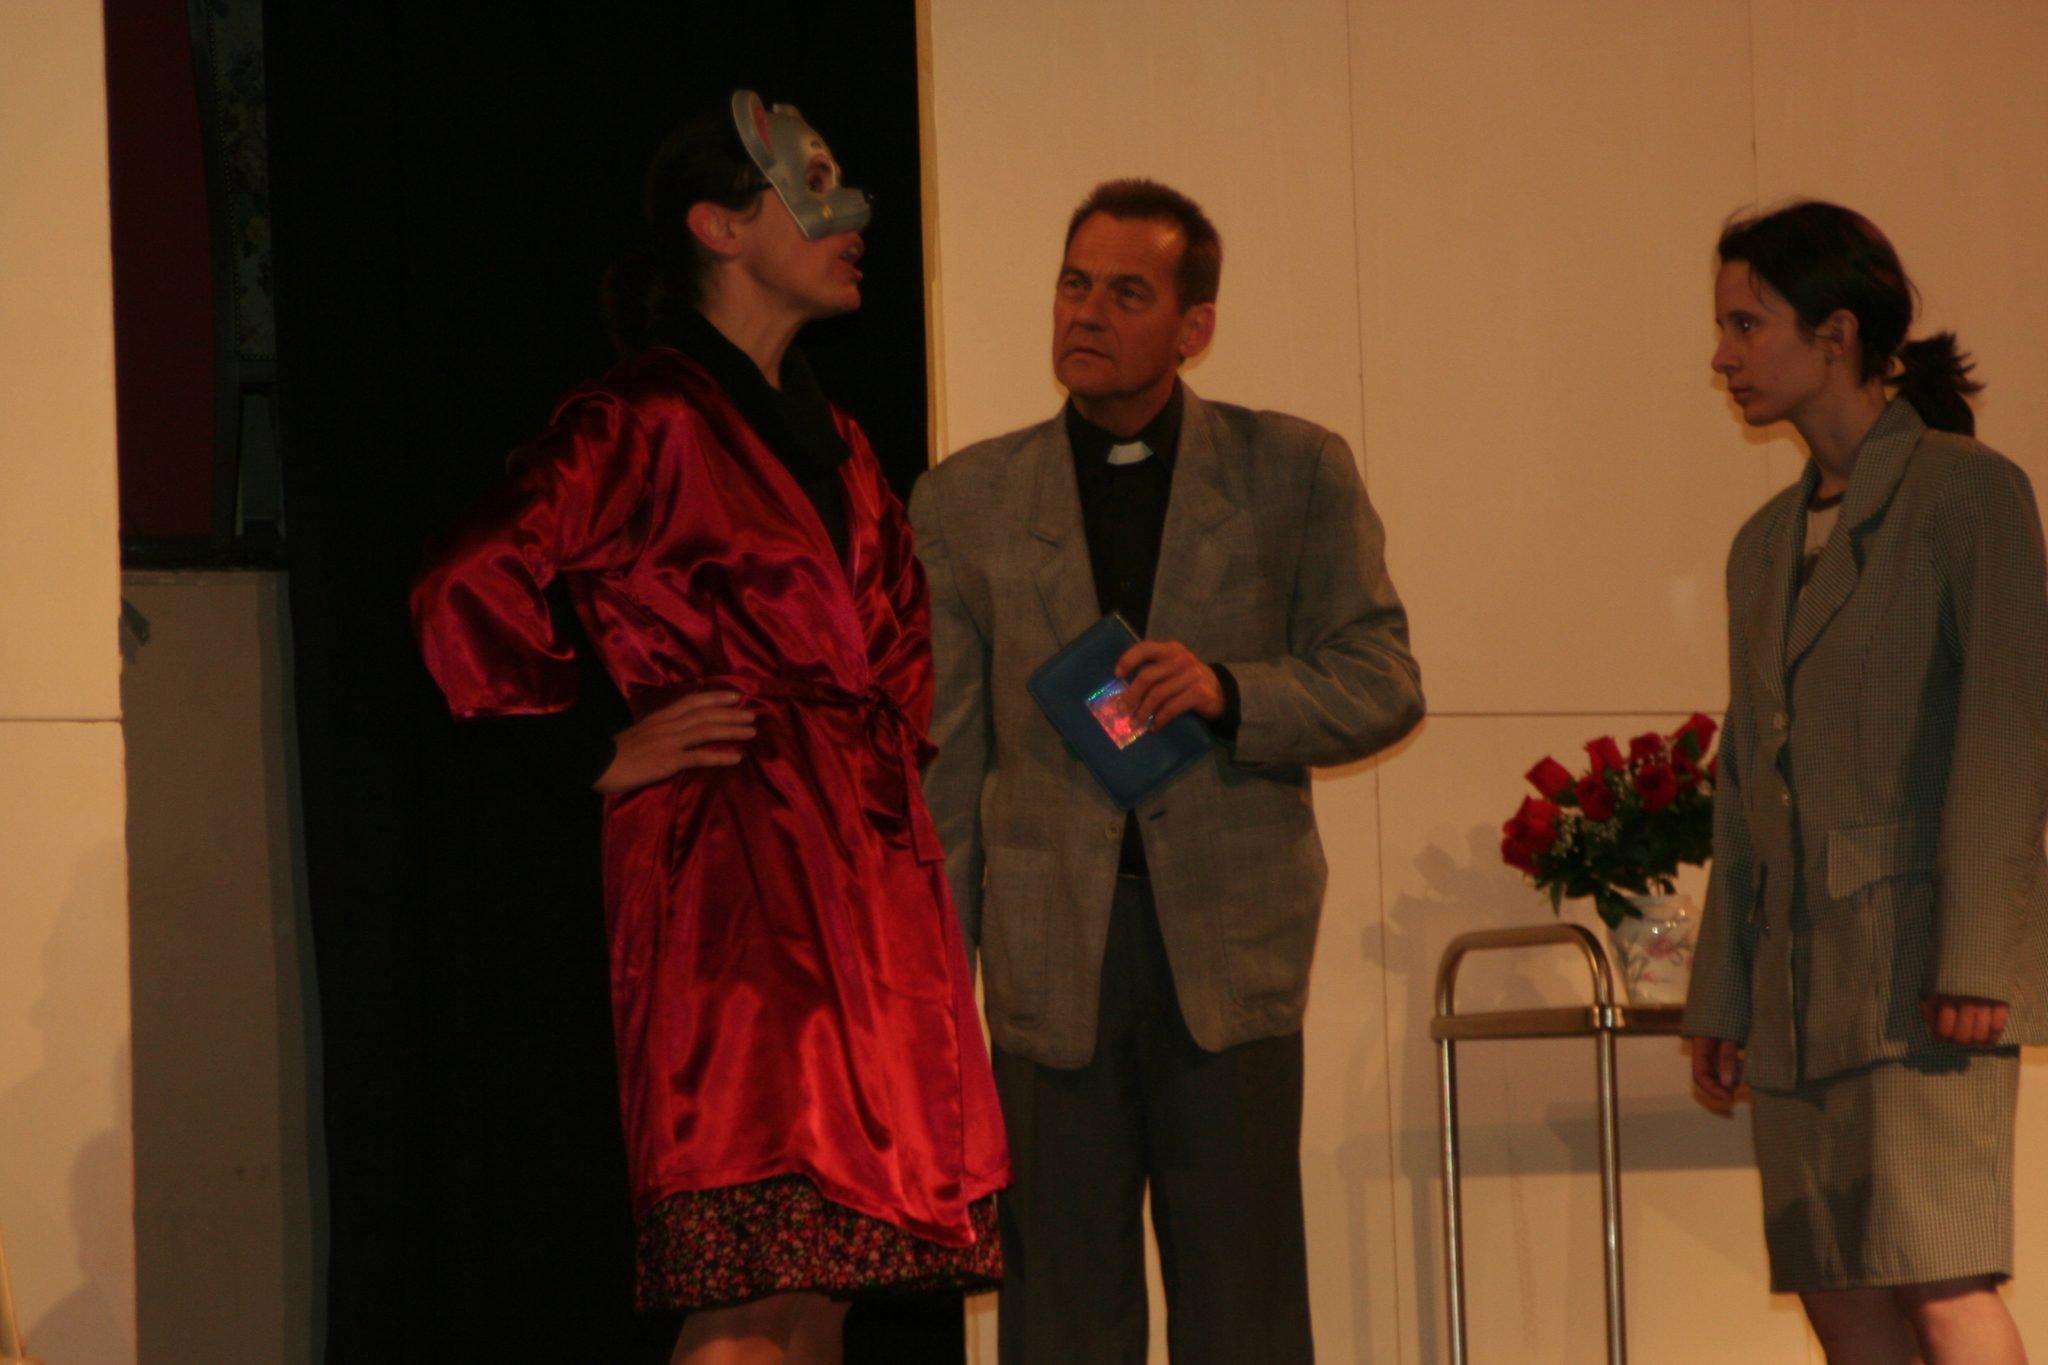 """""""Mardi, c'est théâtre"""" dans """"Hauts les masques"""" (JAV 2012) 11"""